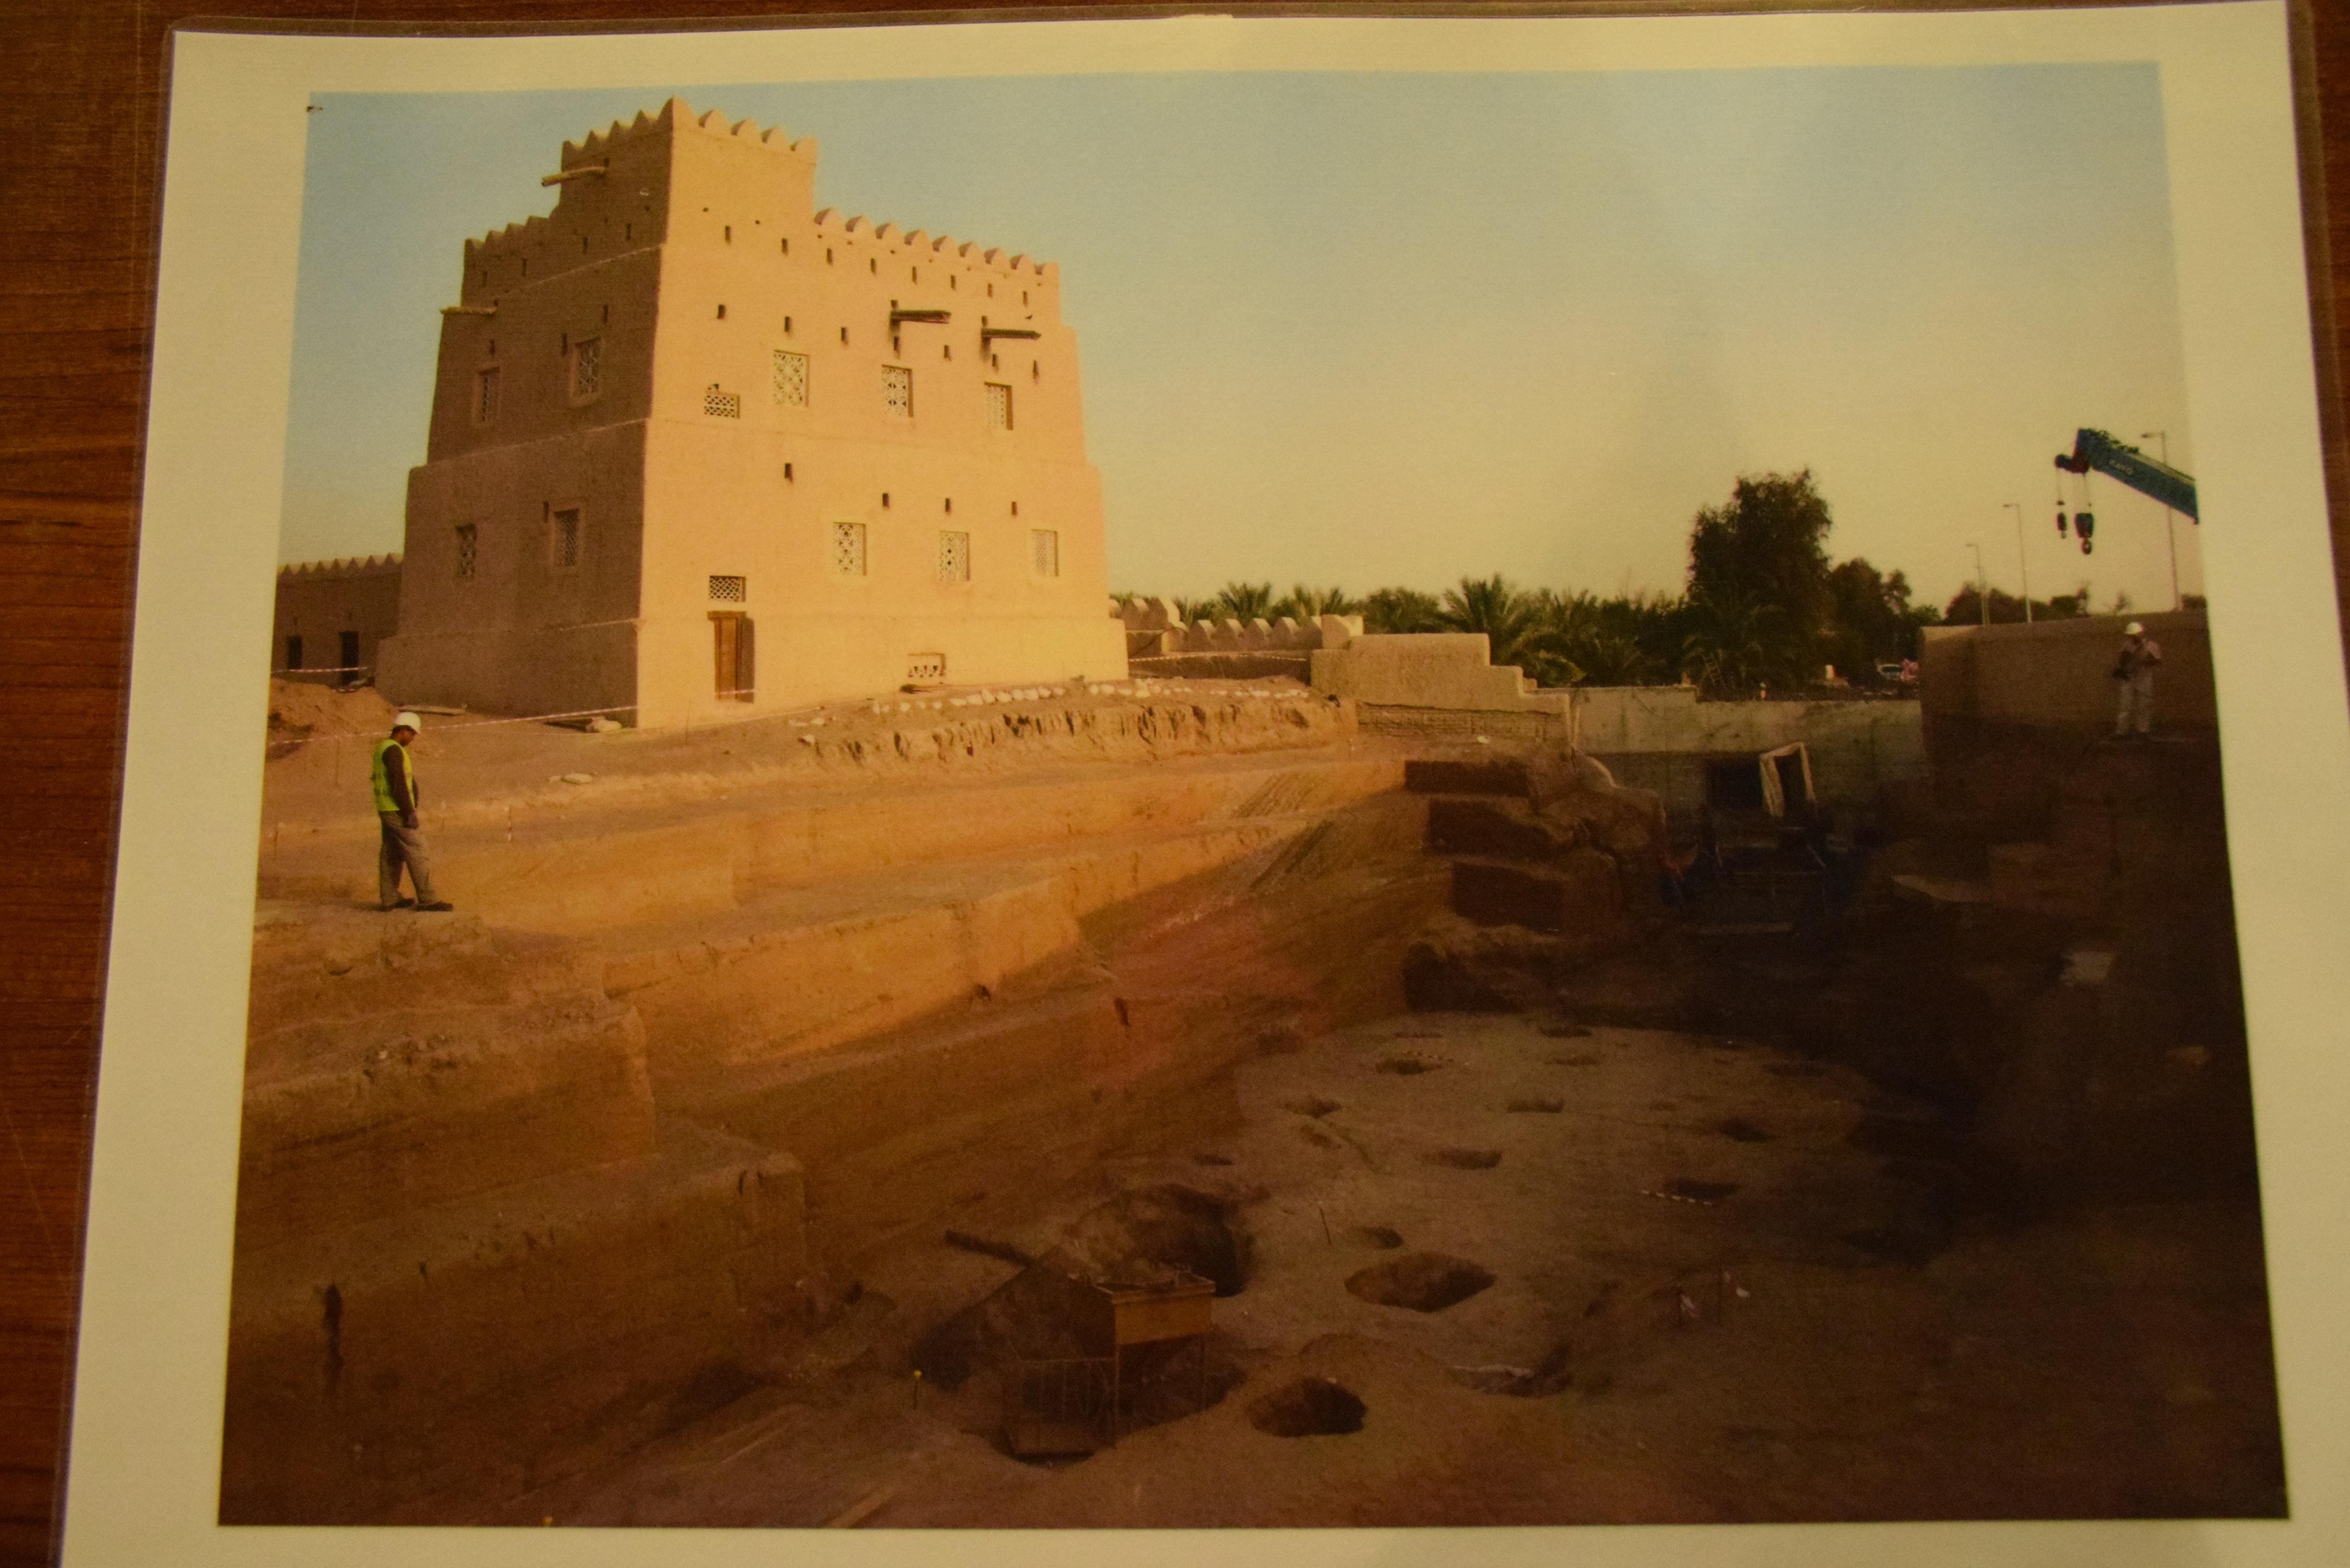 Al Ain, UAE, Al Qattara, archaeology, Iron age